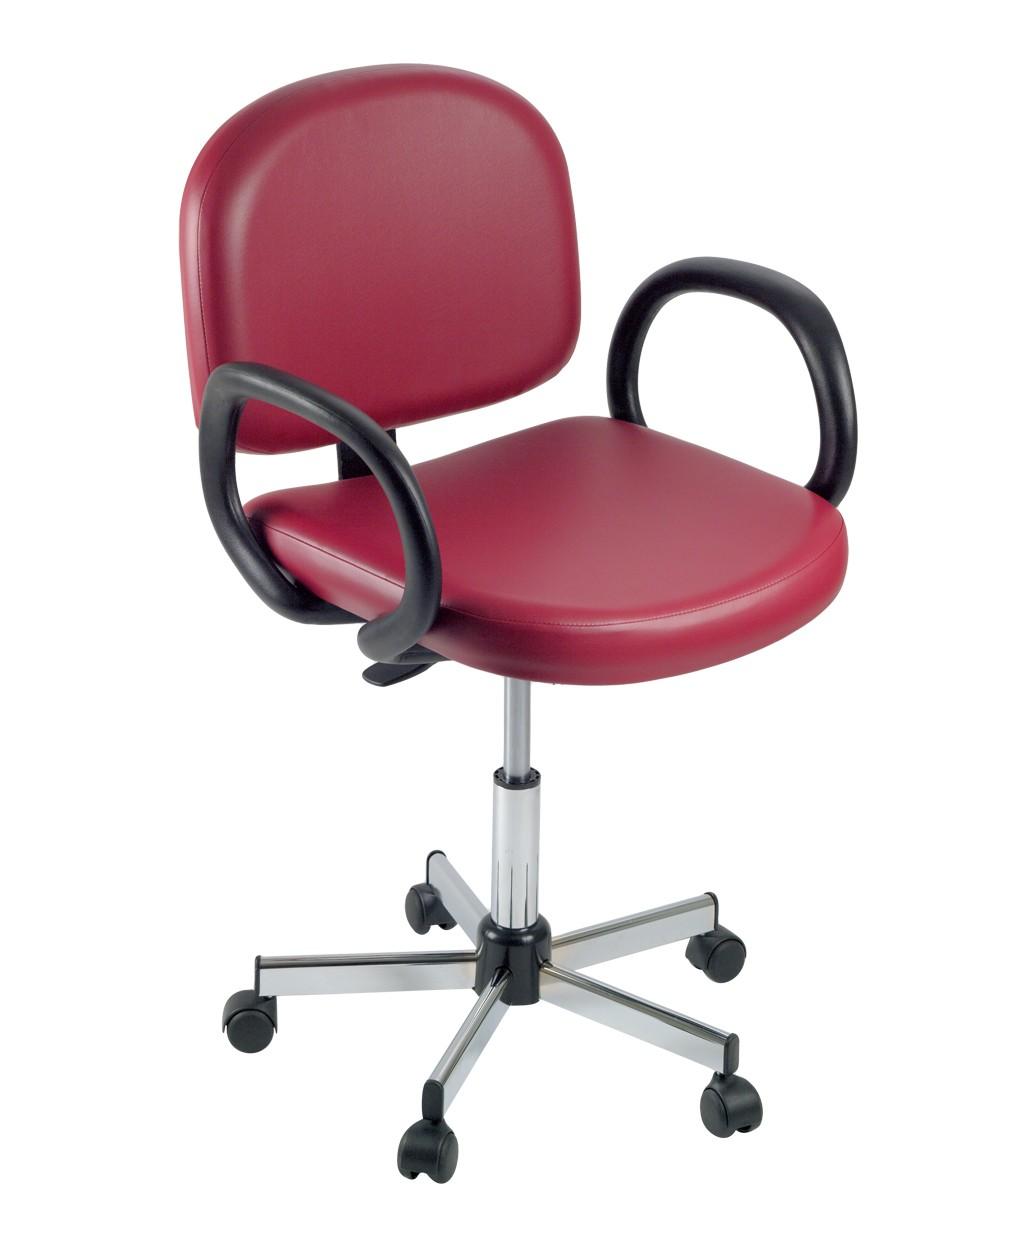 Pibbs 5492 Loop Desk Chair